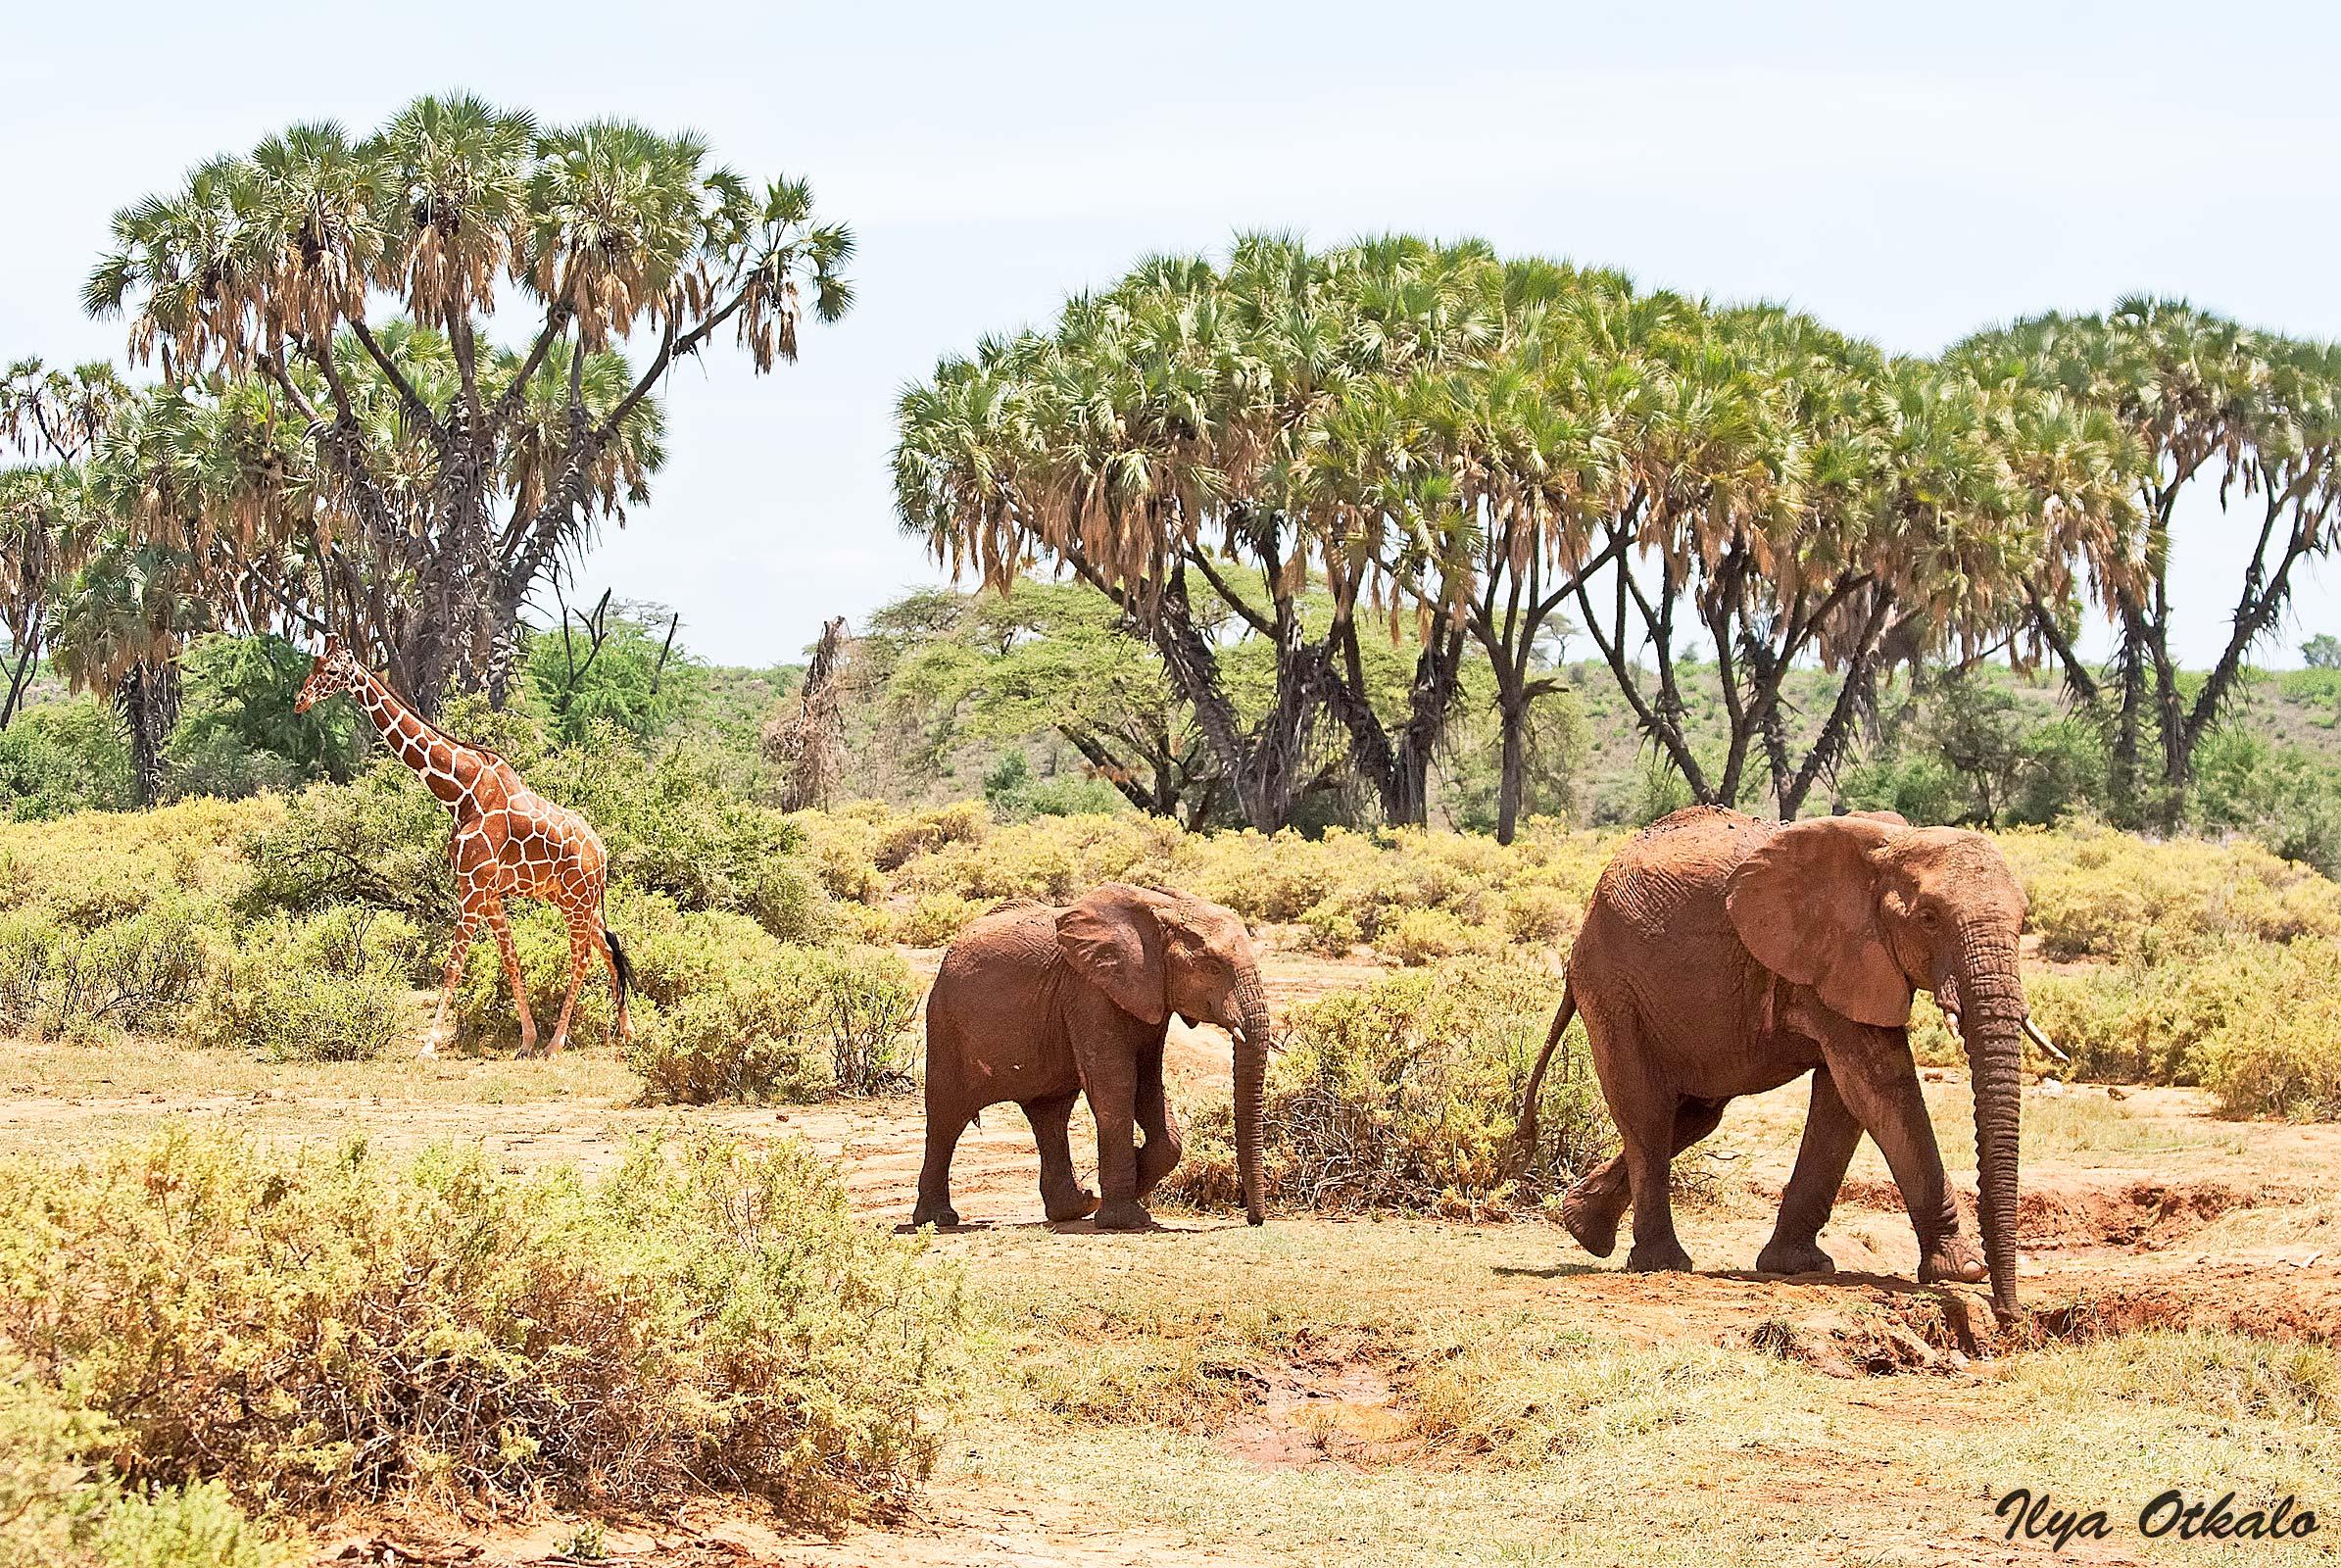 Кения, Национальный парк - заповедник Самбуру.